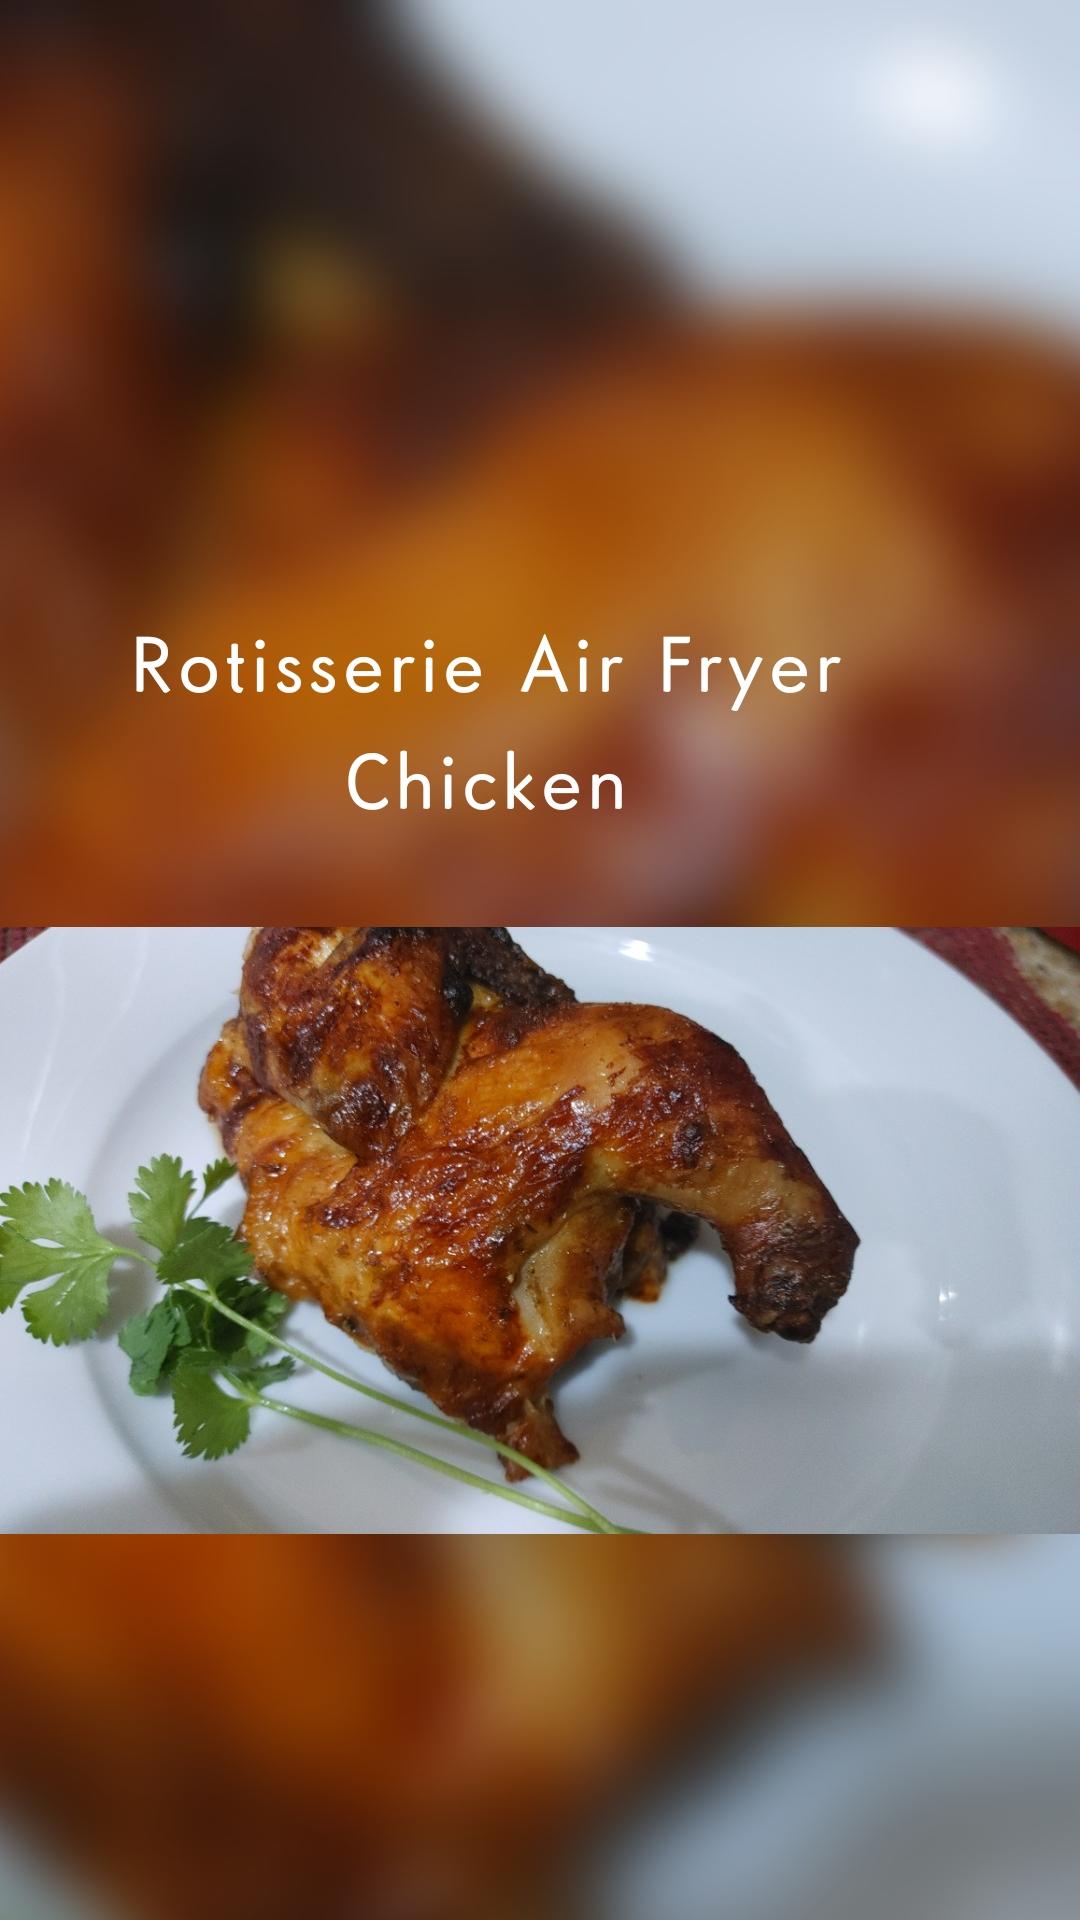 Rotisserie Air Fryer Chicken